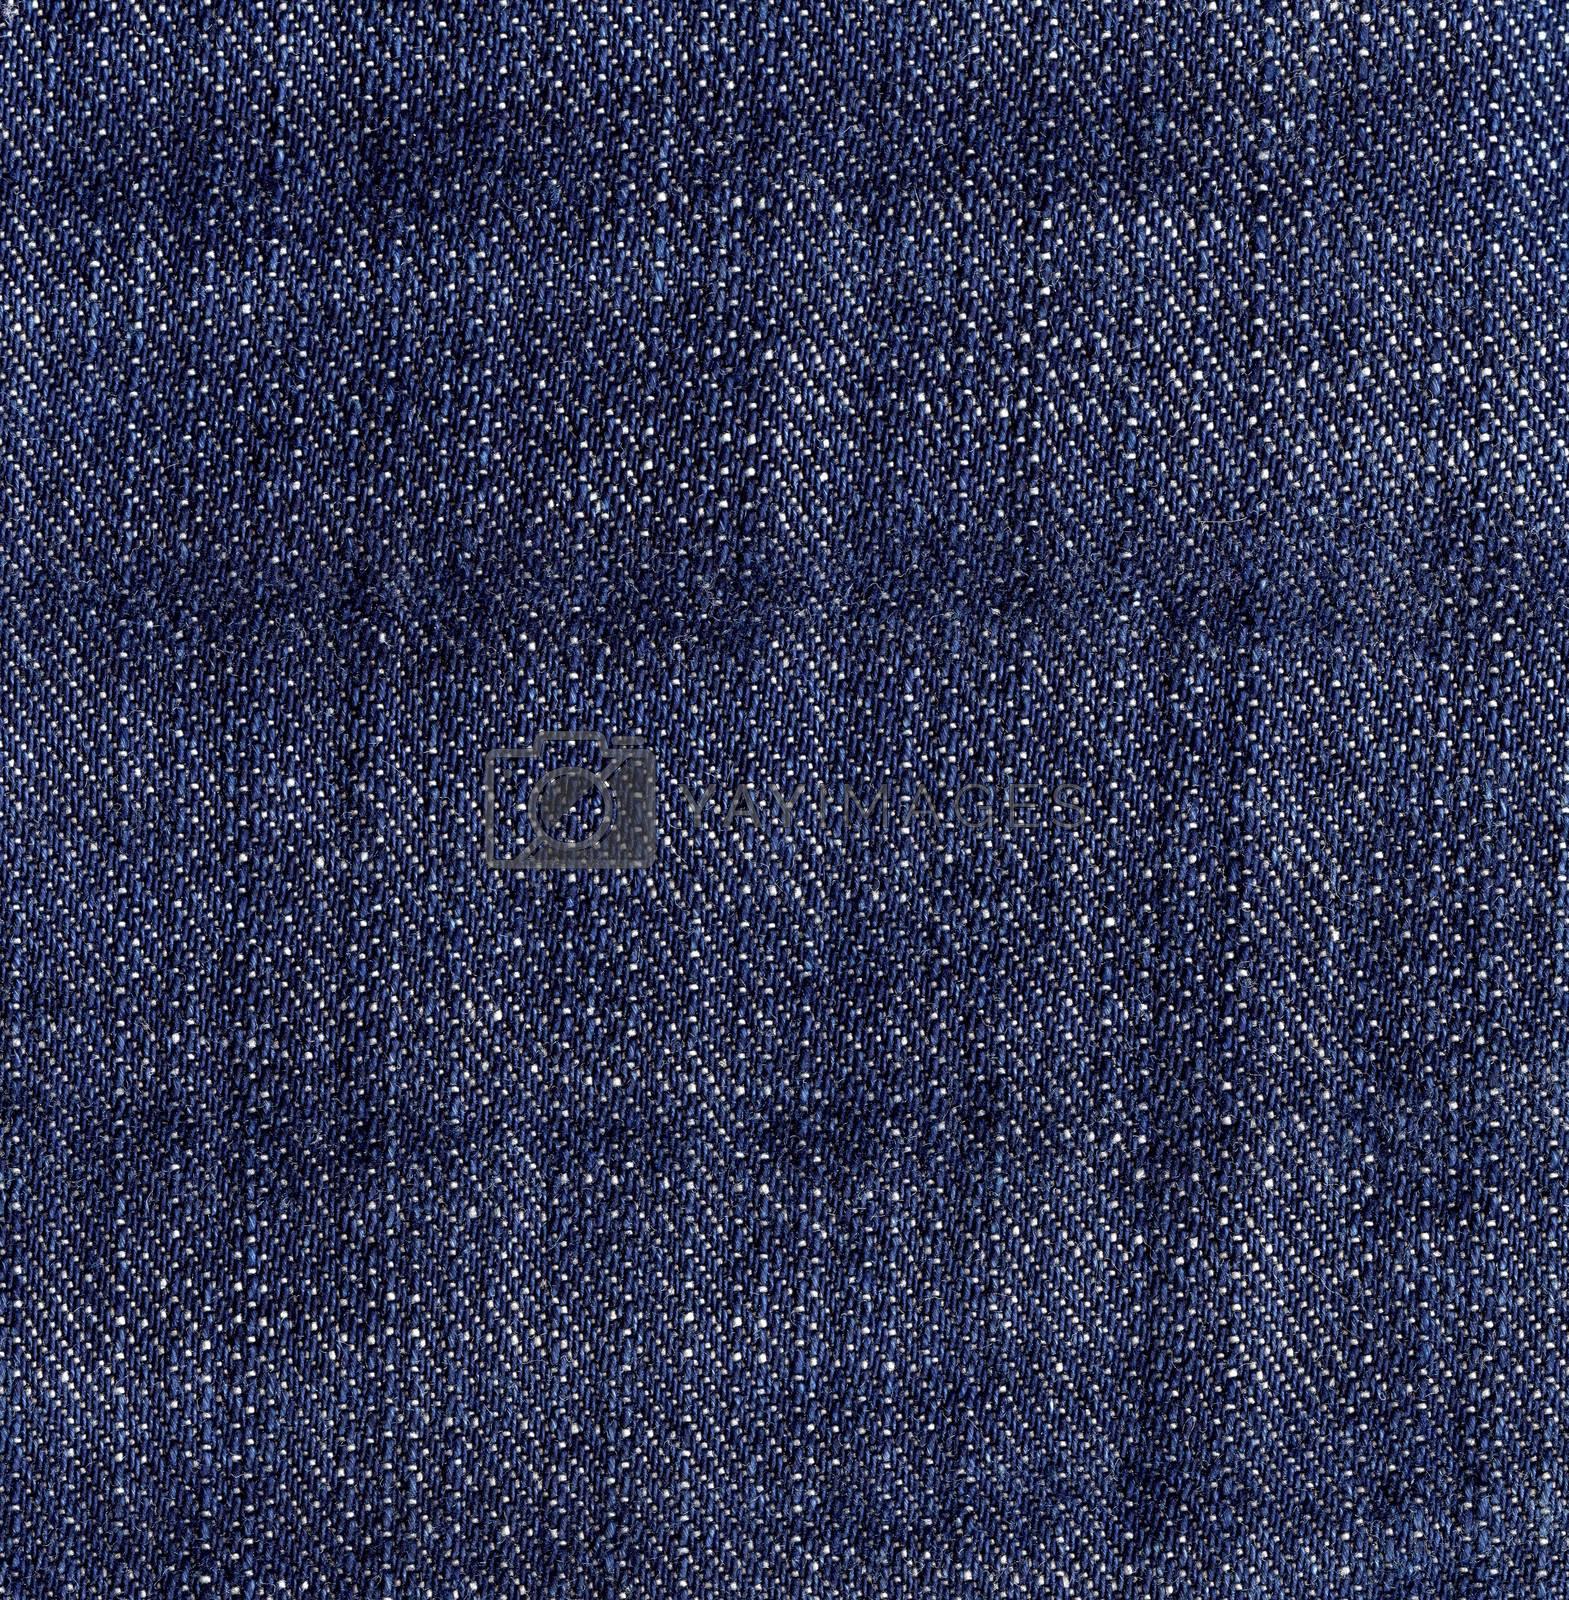 Dark Blue Jeans Denim Texture.